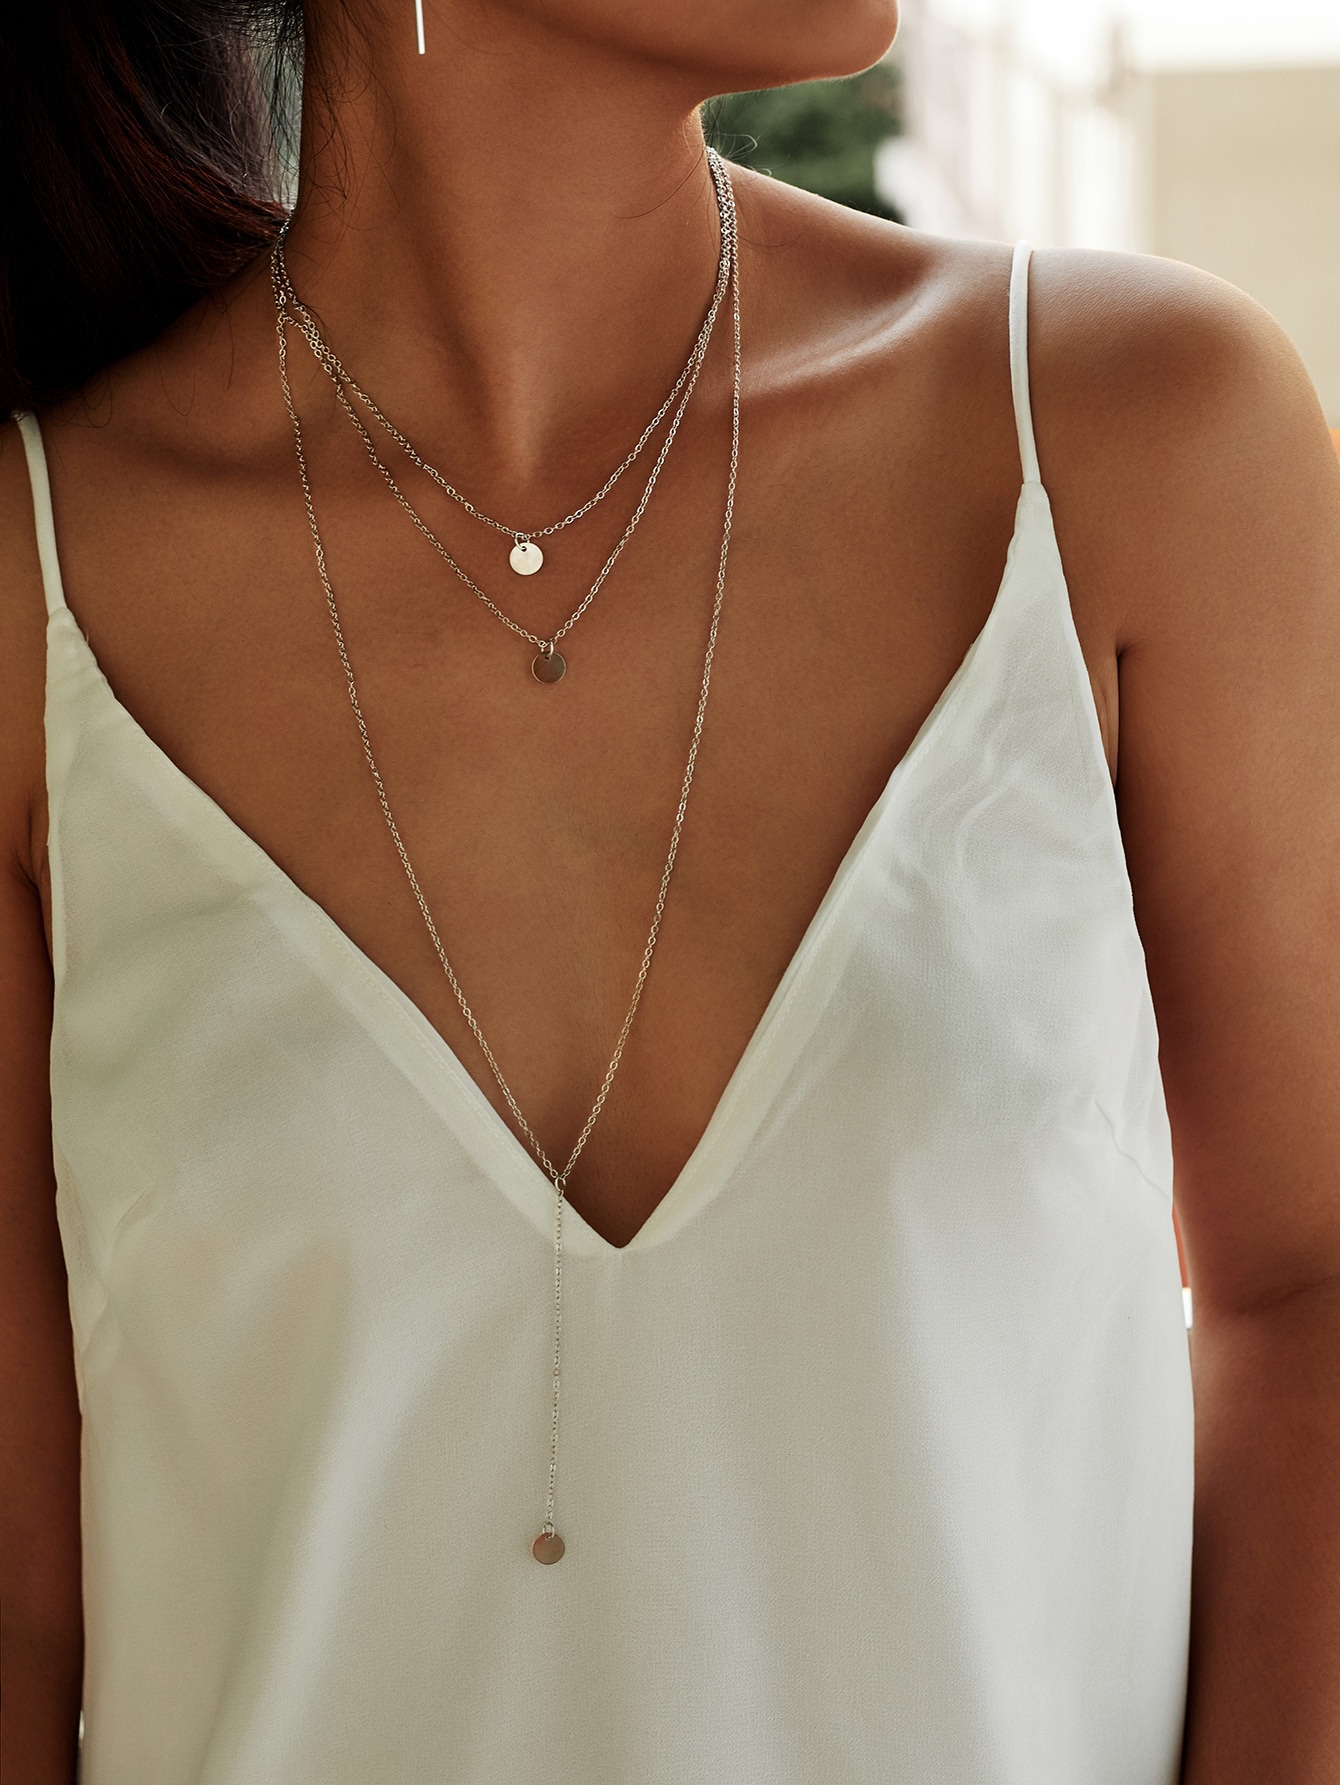 Sequin Pendant Design Chain Necklace Set necklaceNC170807304